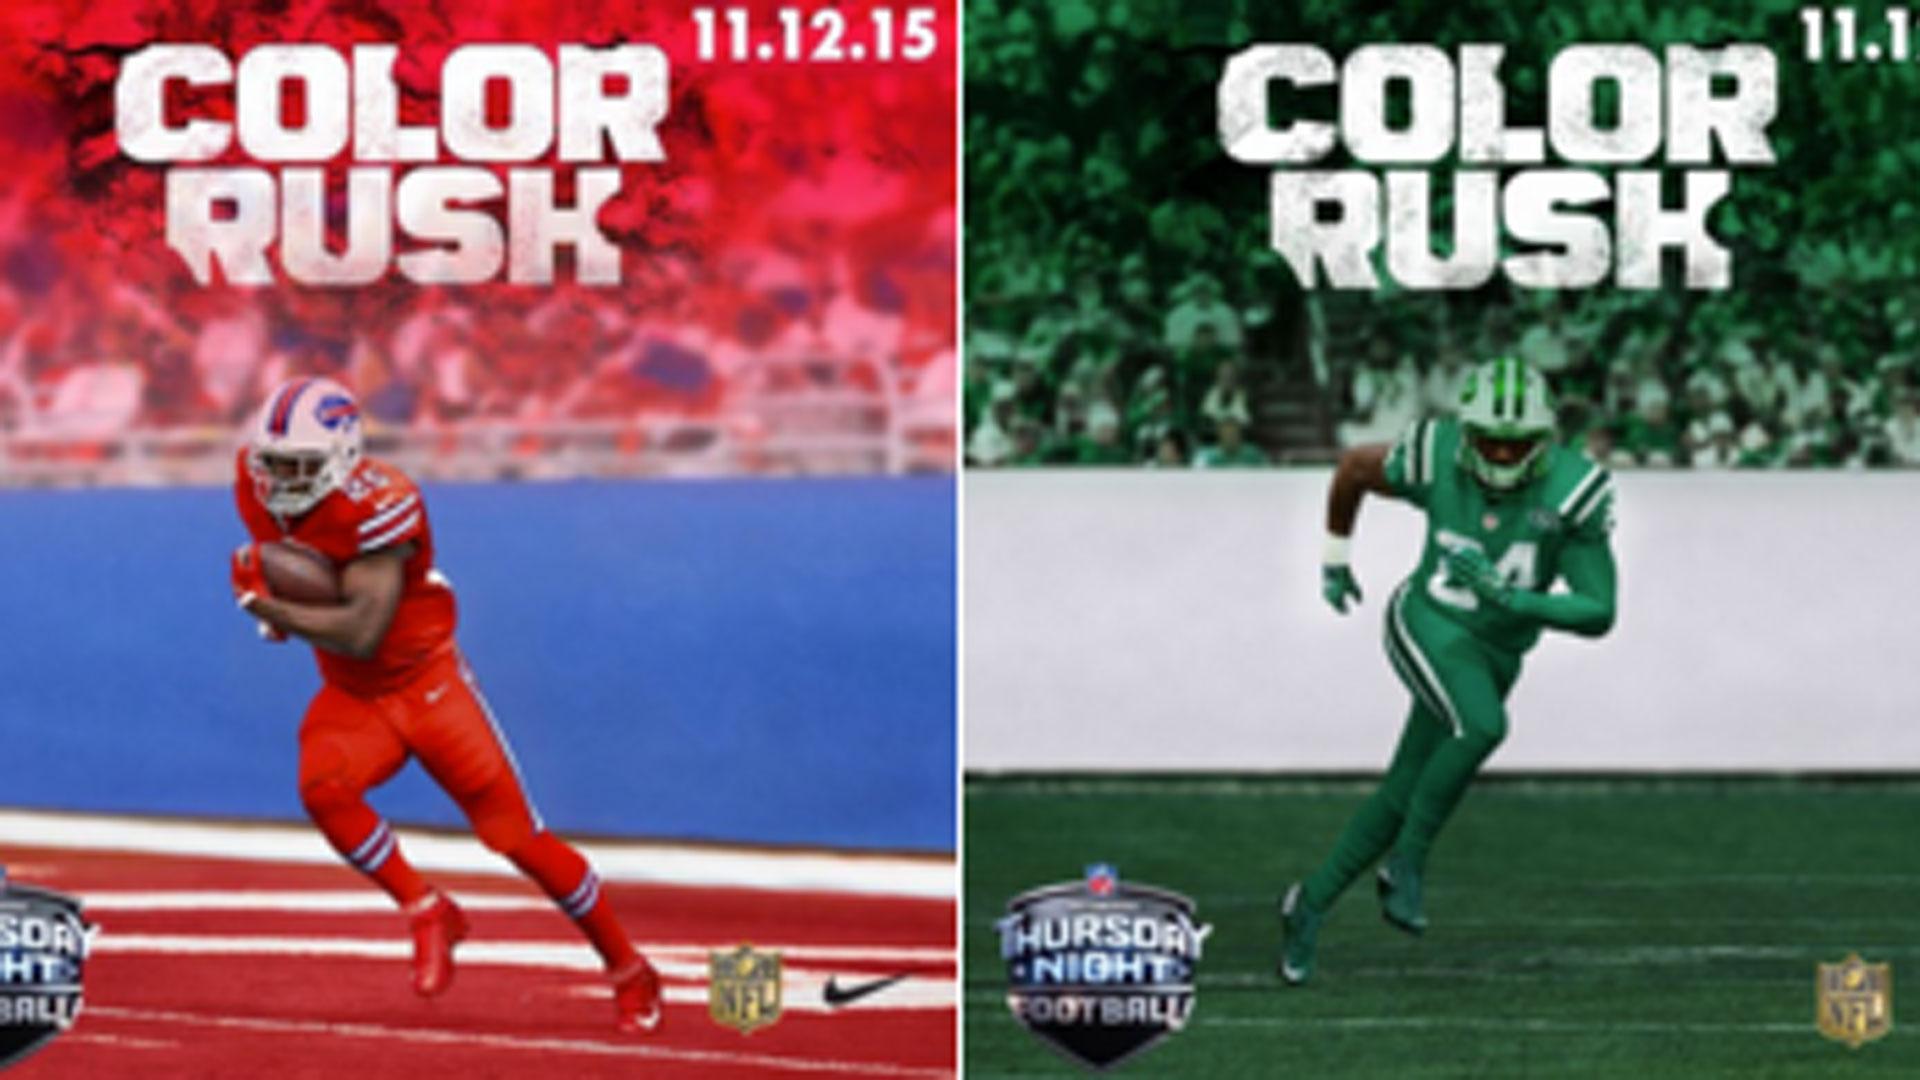 jets-bills-color-rush-110515-twitter-ftr